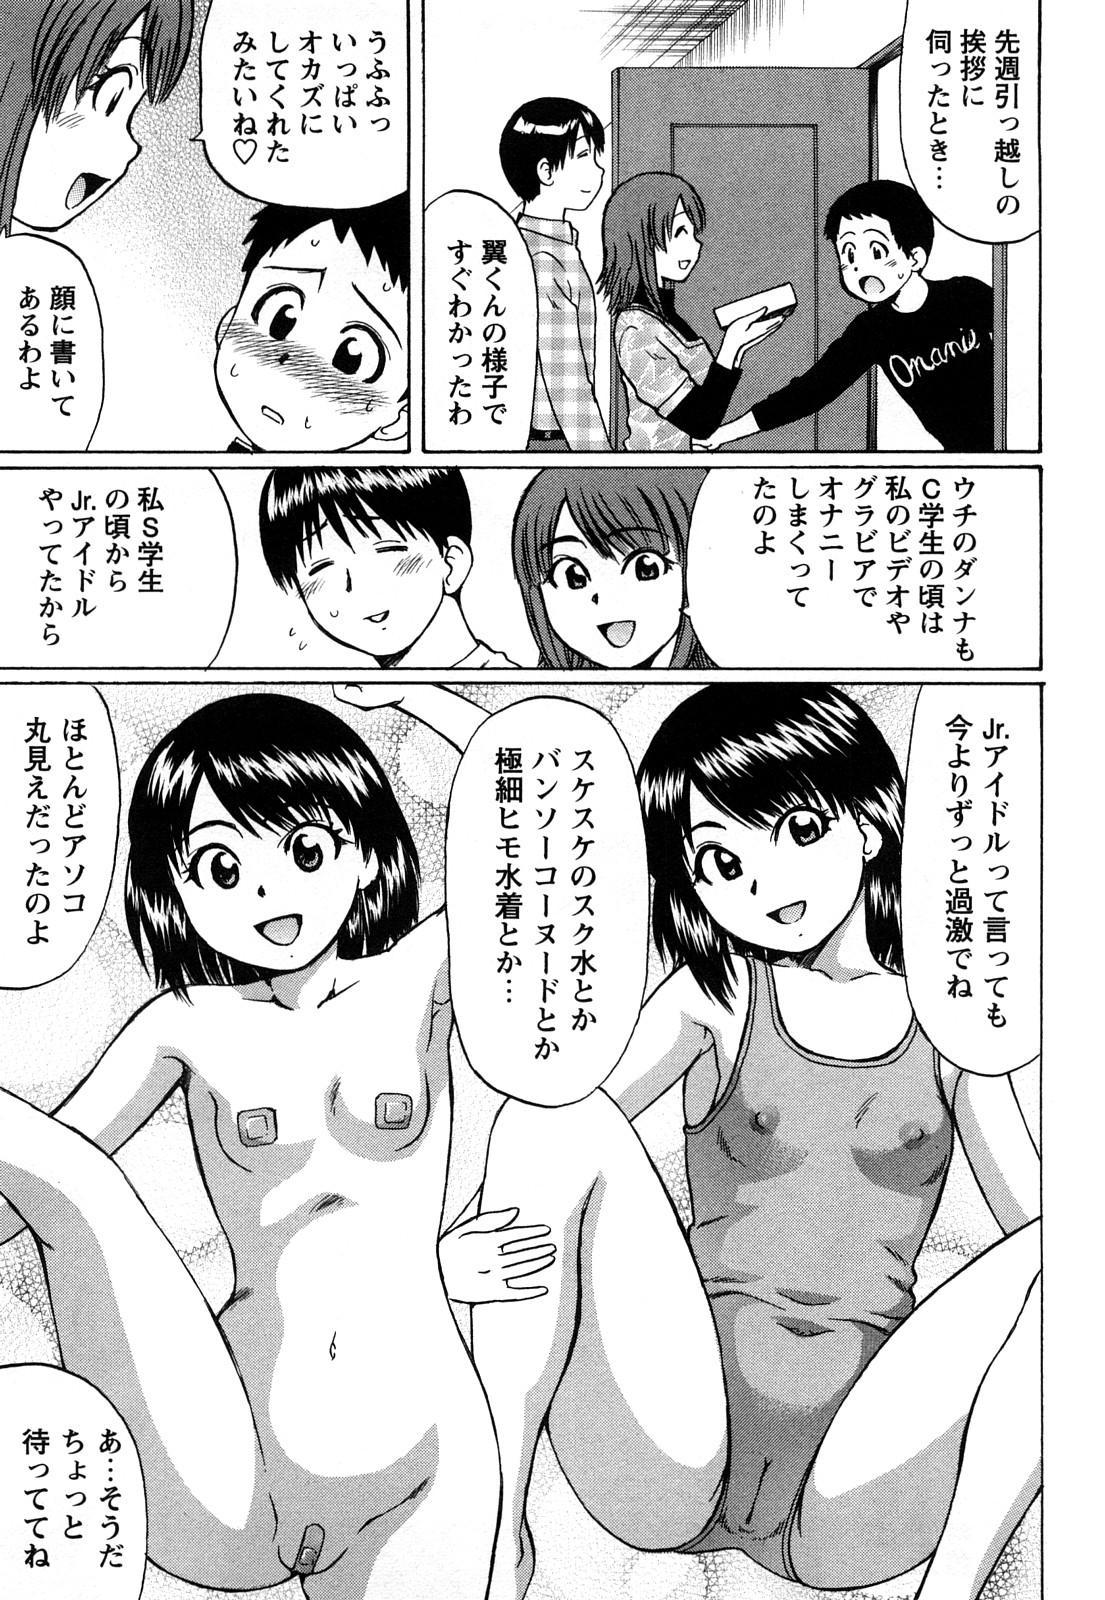 Kimi-tachi Doutei? 20